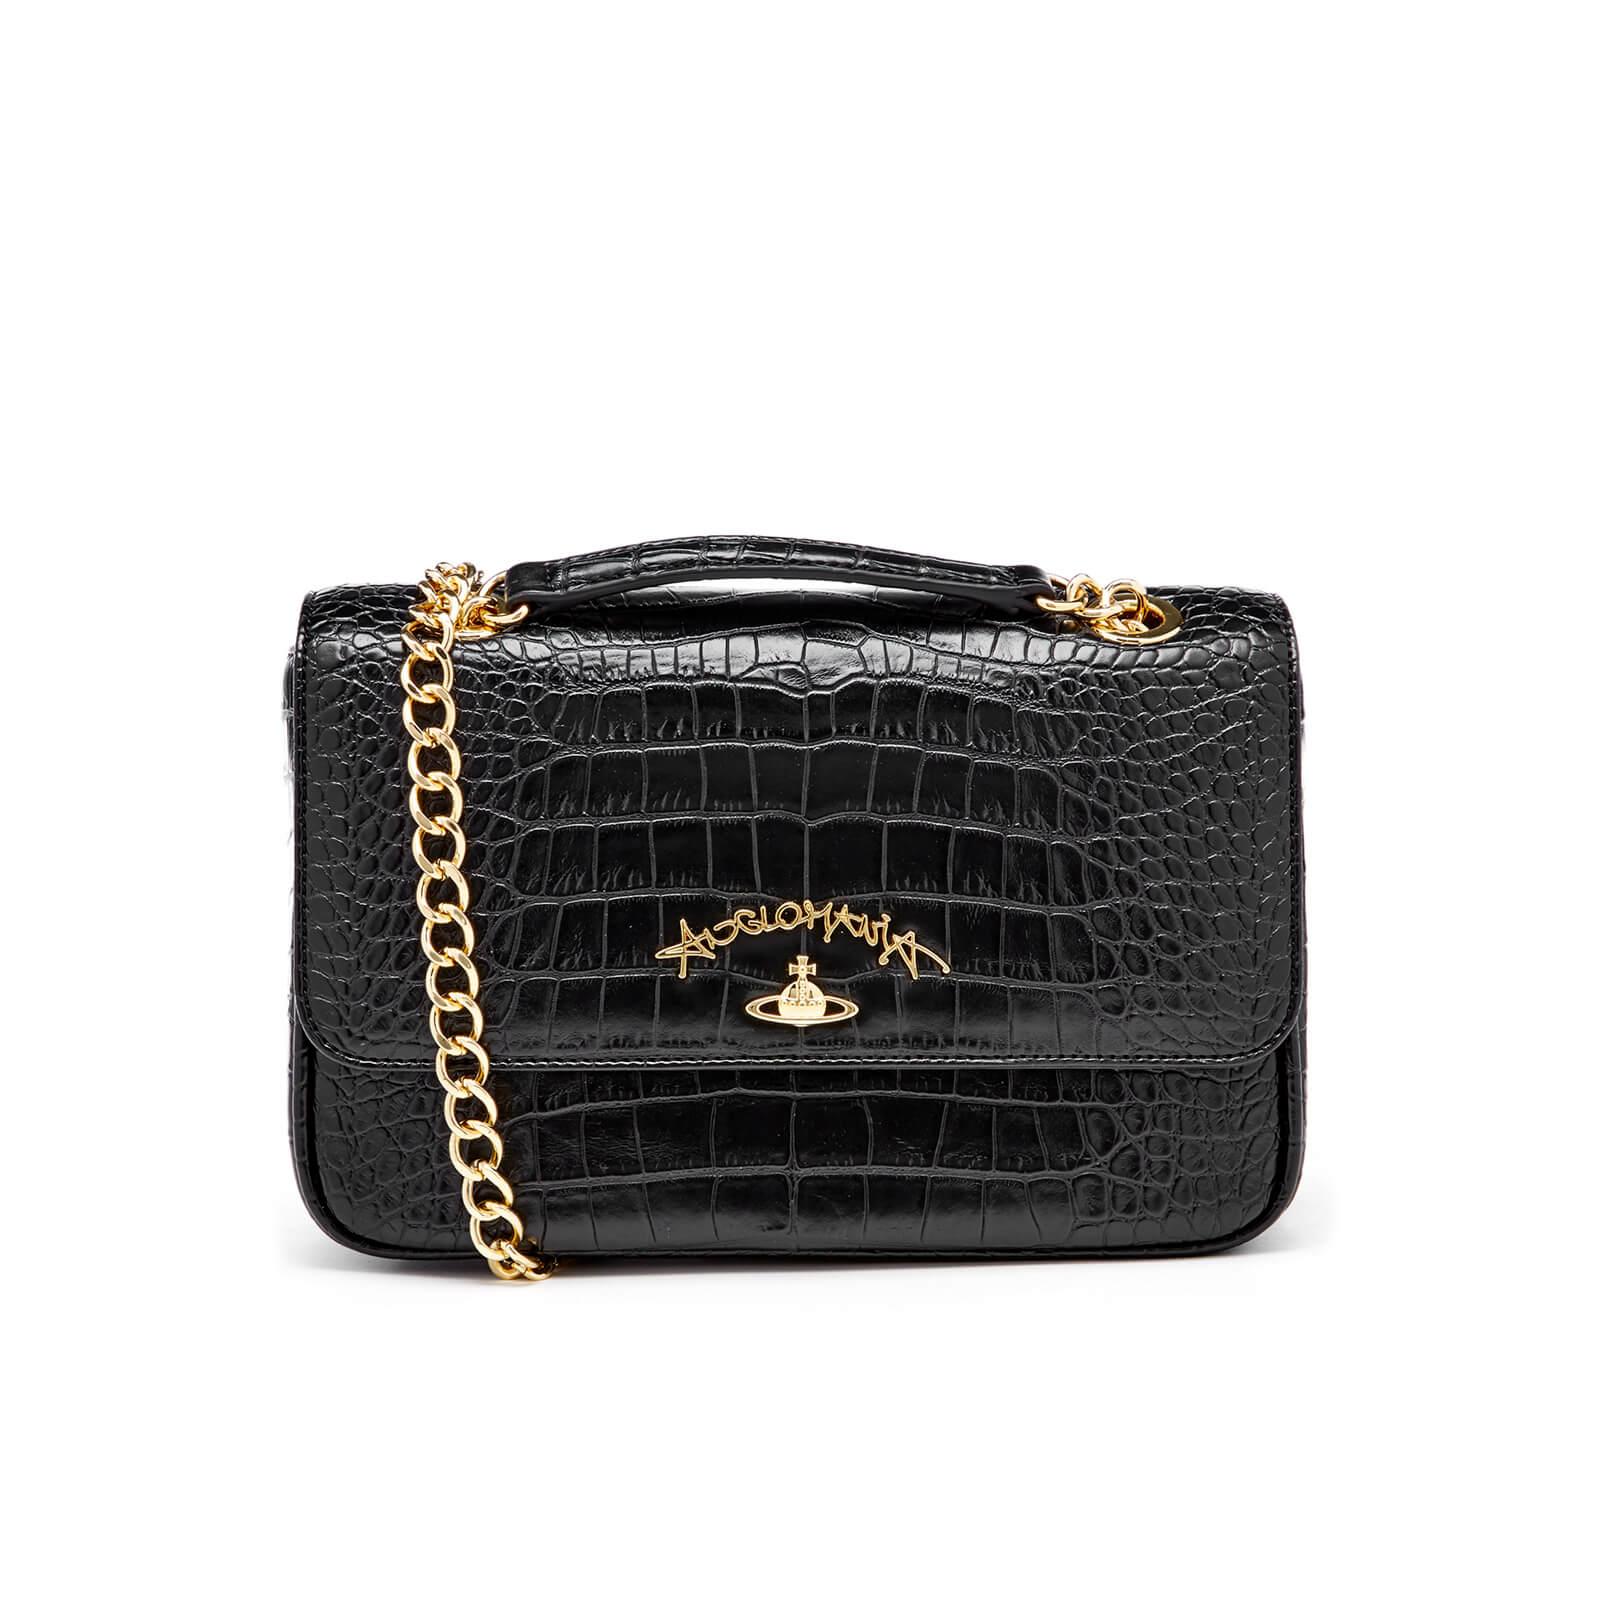 920c00fdfc Vivienne Westwood Women's Anglomania Dorset Croc Shoulder Bag - Black -  Free UK Delivery over £50